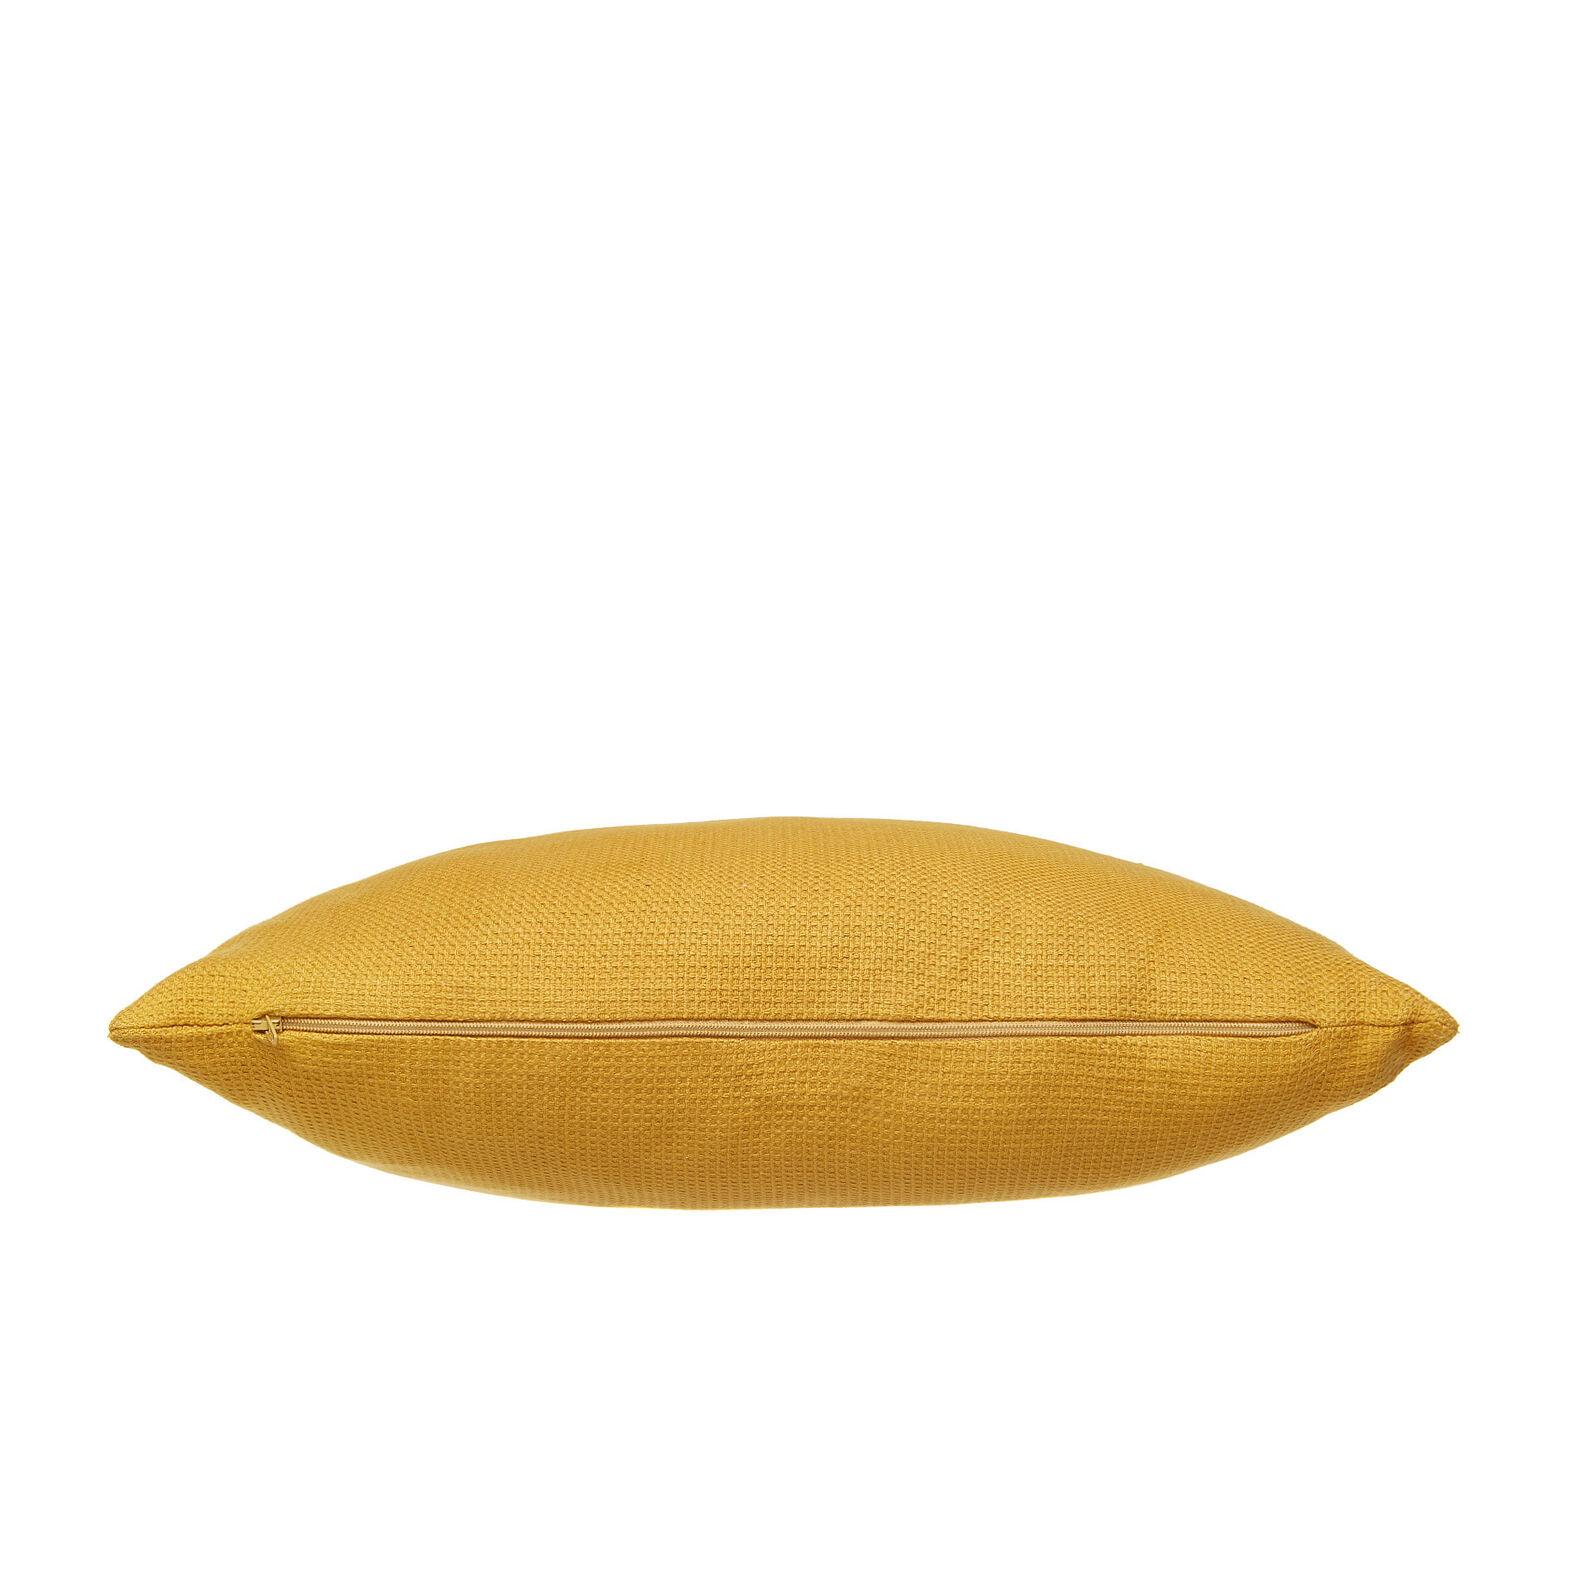 Cuscino cotone e fibra di bamboo 45x45cm